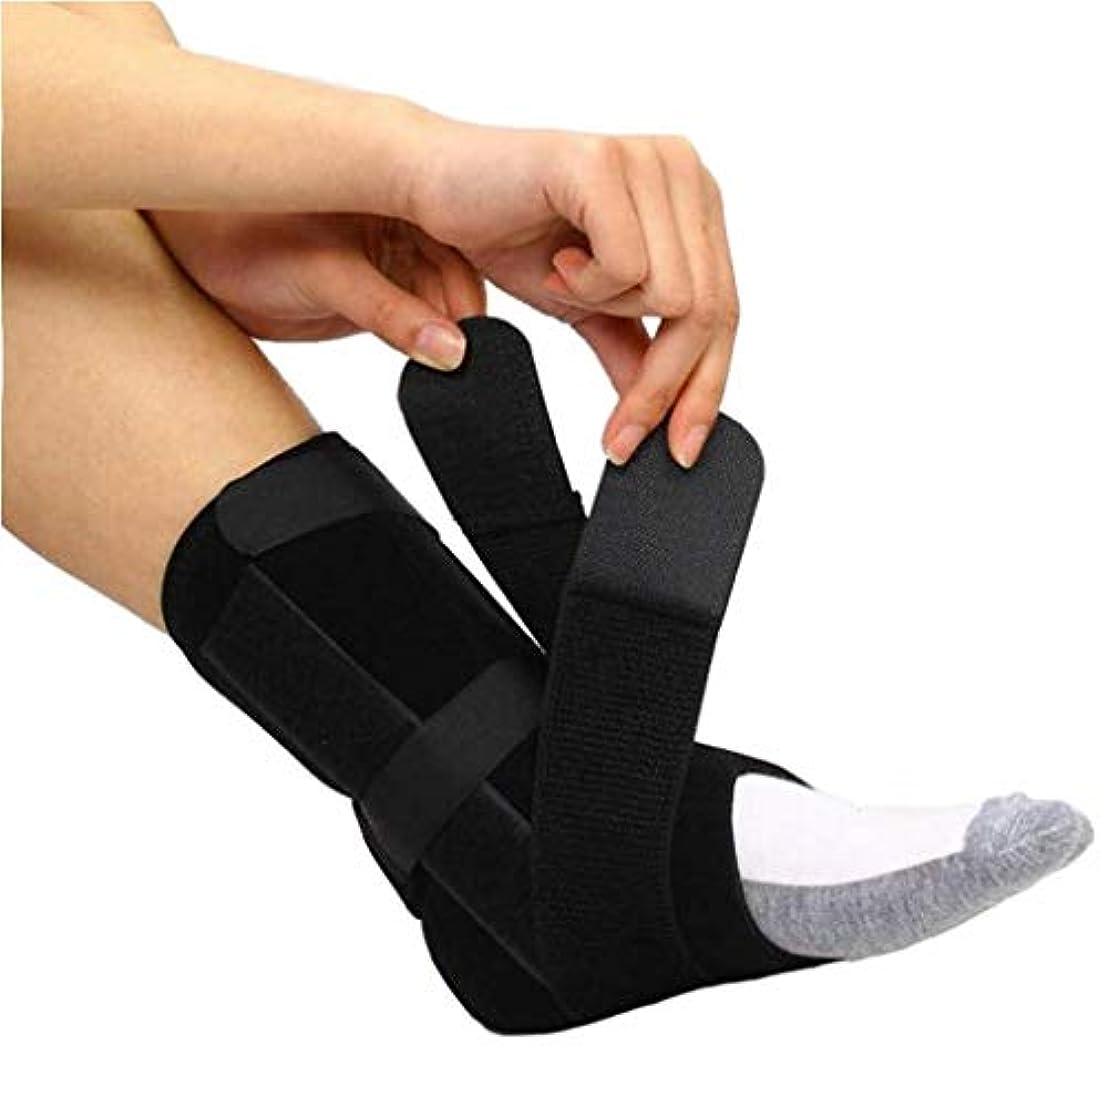 騒乱帝国主義カウンターパートドロップフット–ドロップフット、神経損傷、足の位置、圧力緩和、足首と足の装具のサポート-ユニセックス (Size : L)